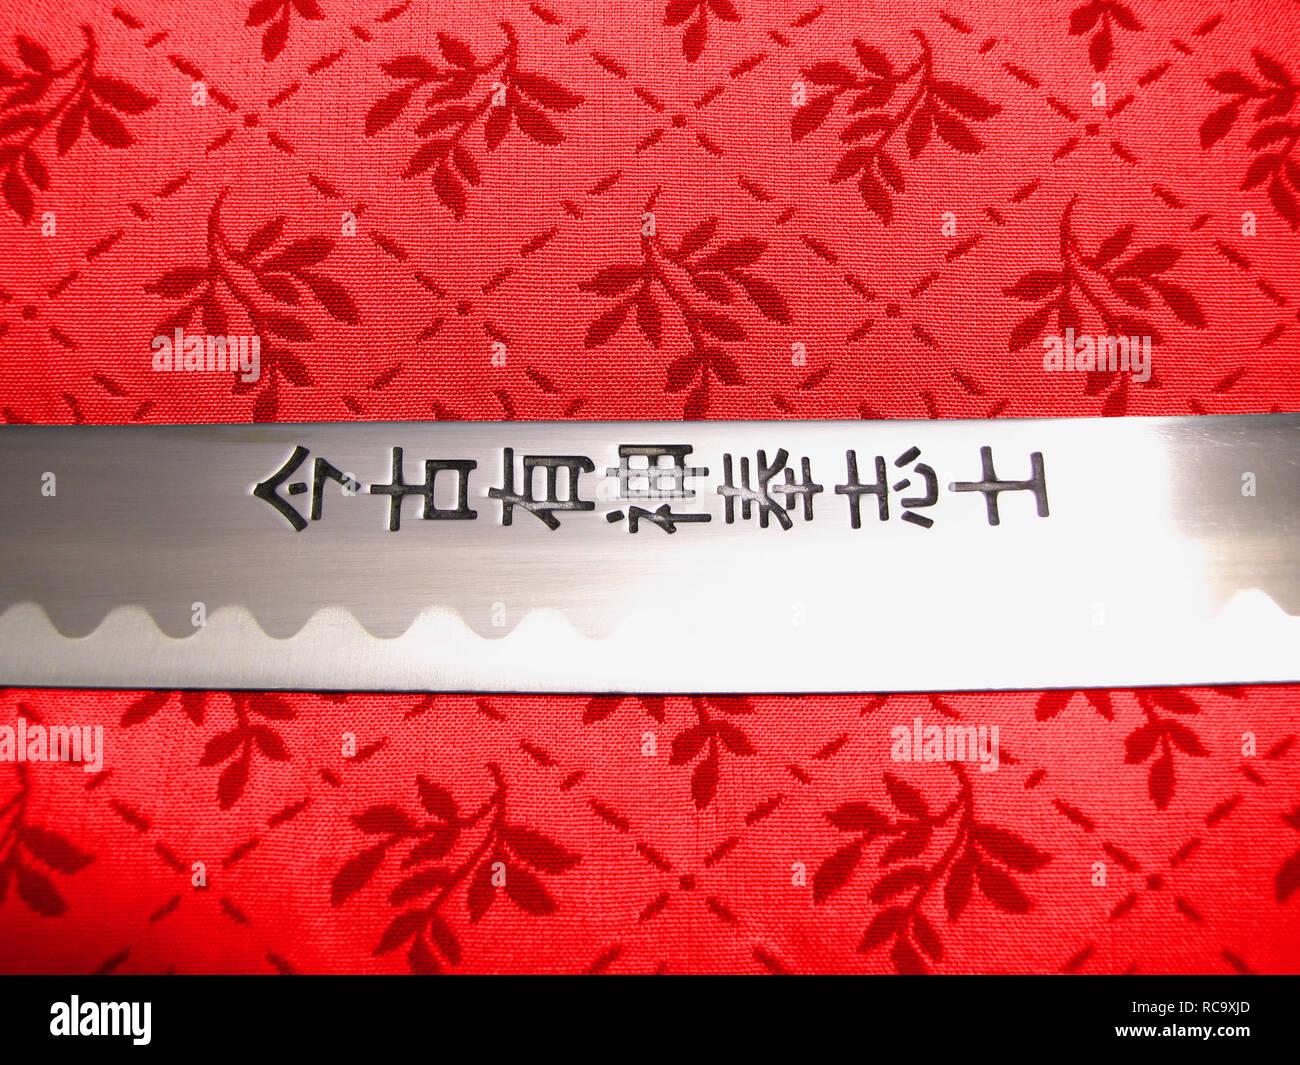 Bushido Stock Photos & Bushido Stock Images - Alamy